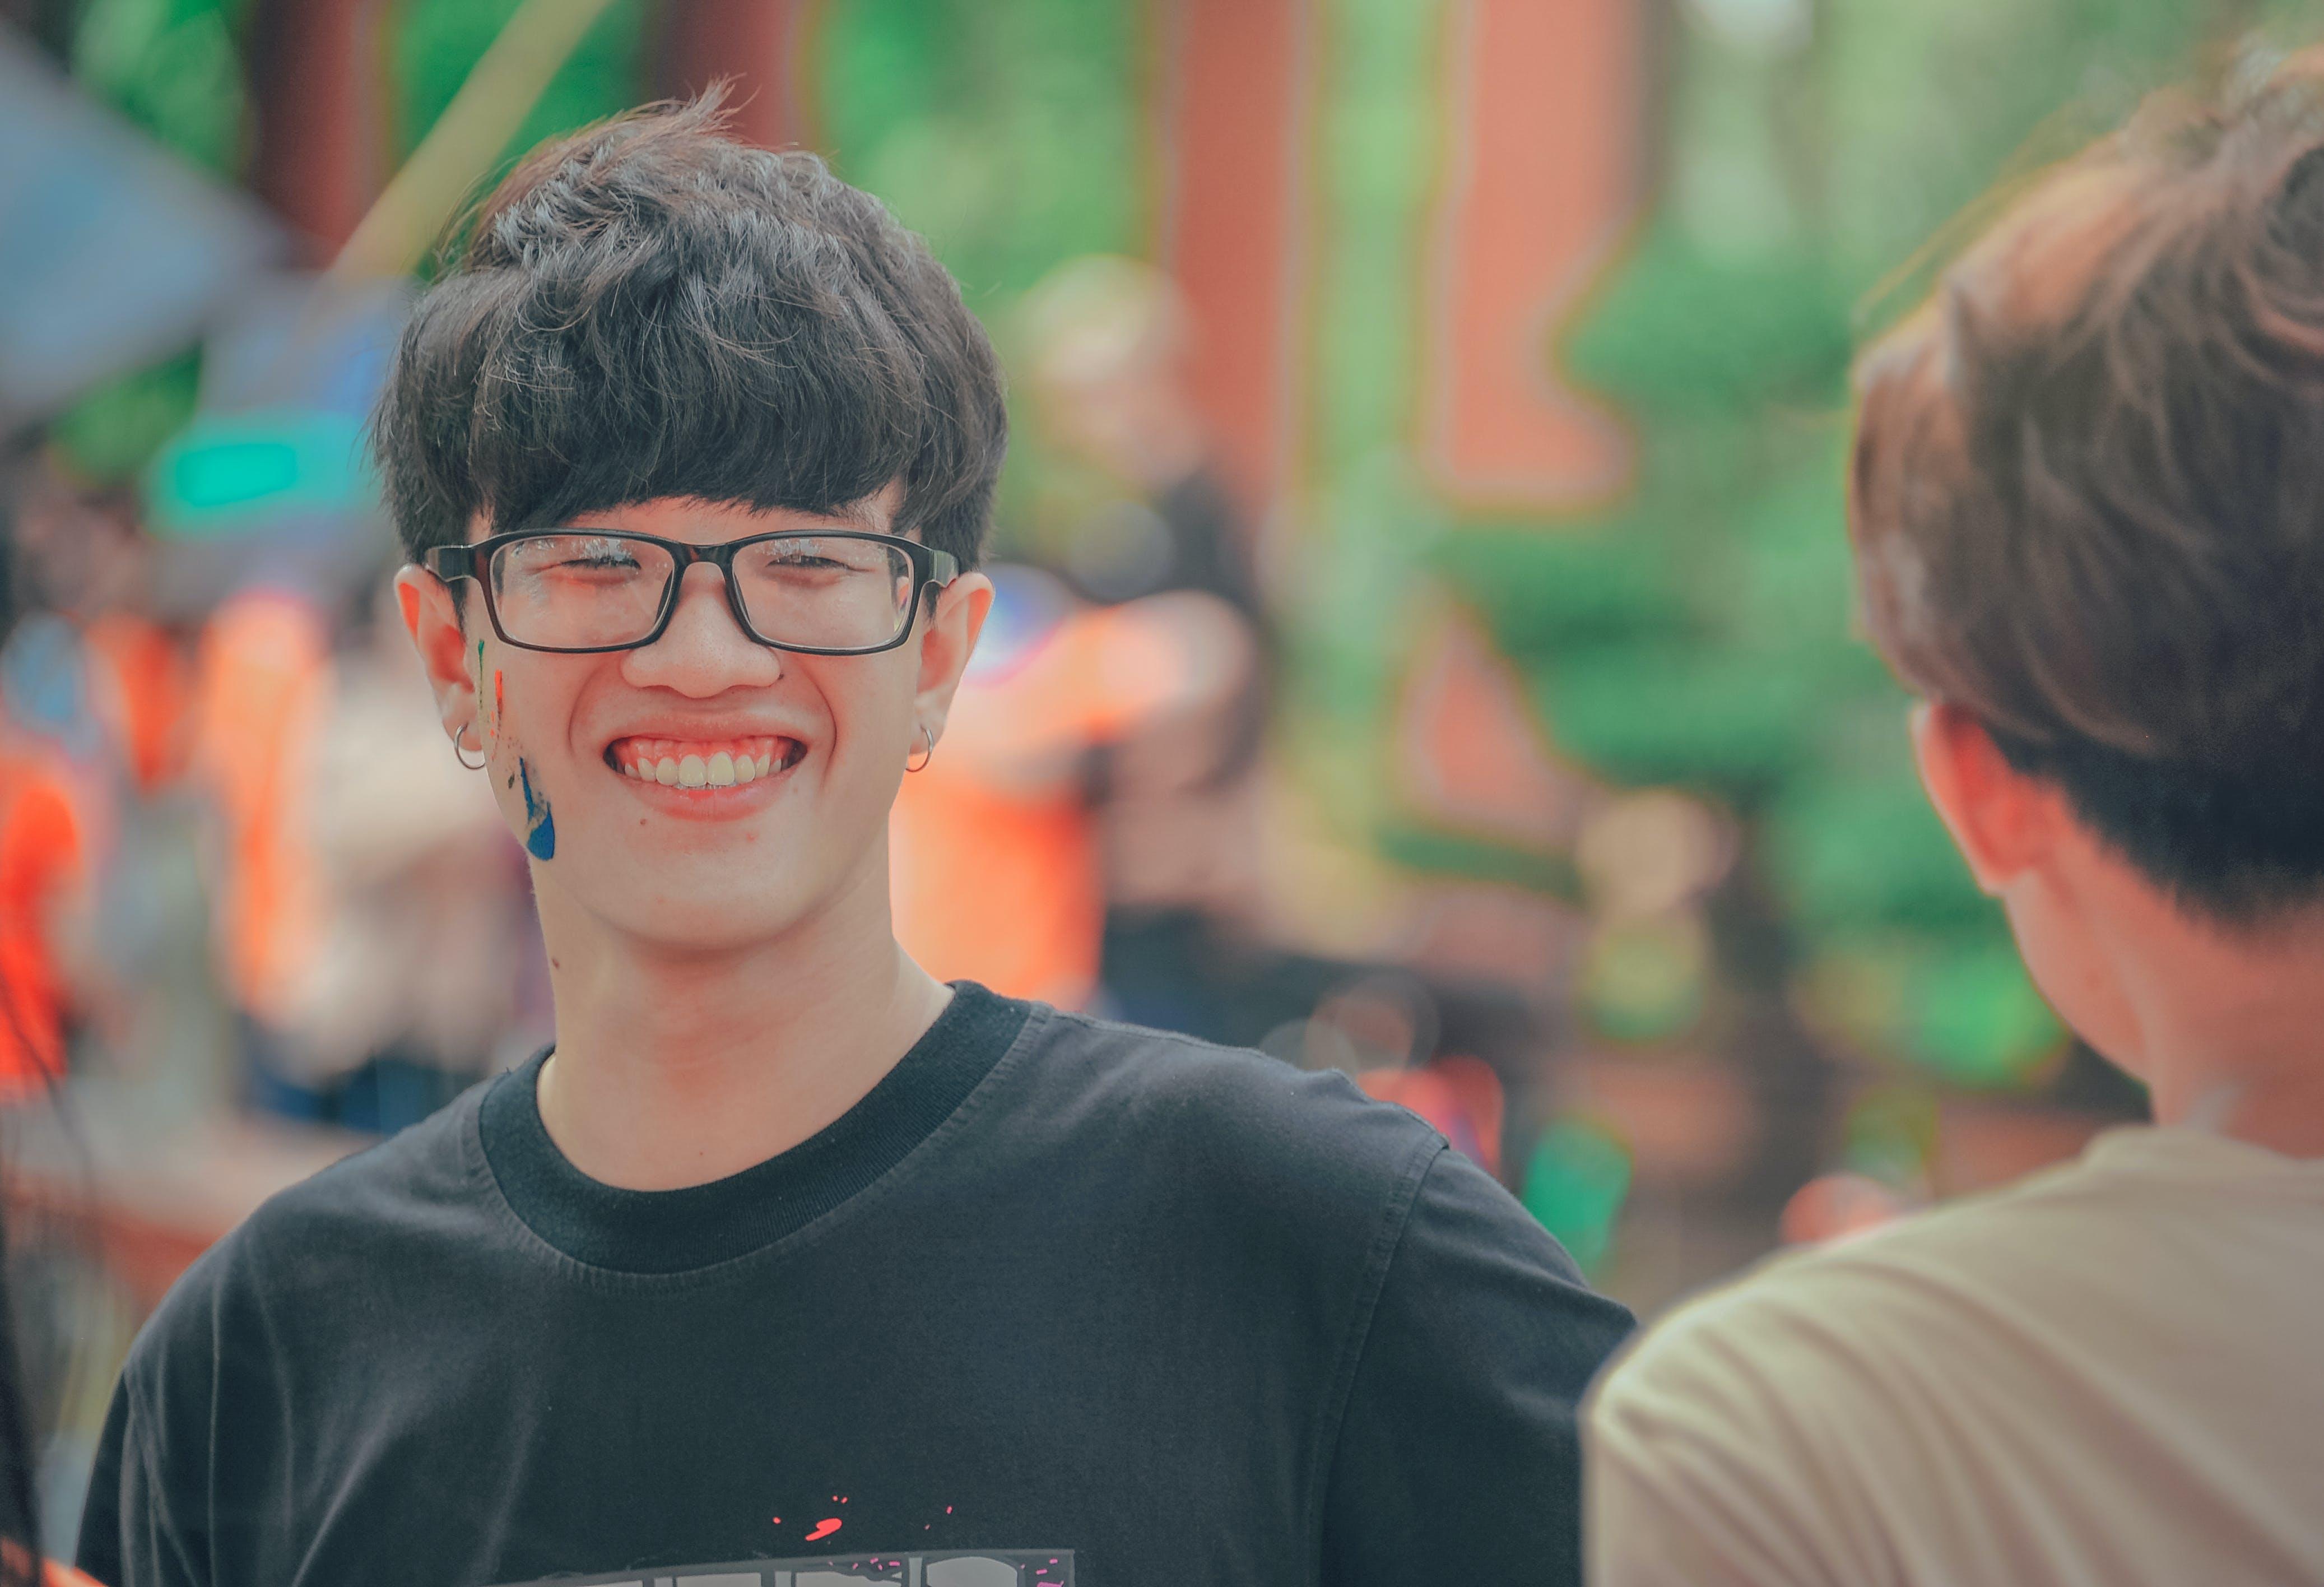 Smiling Man in Black Shirt Wearing Eyeglasses